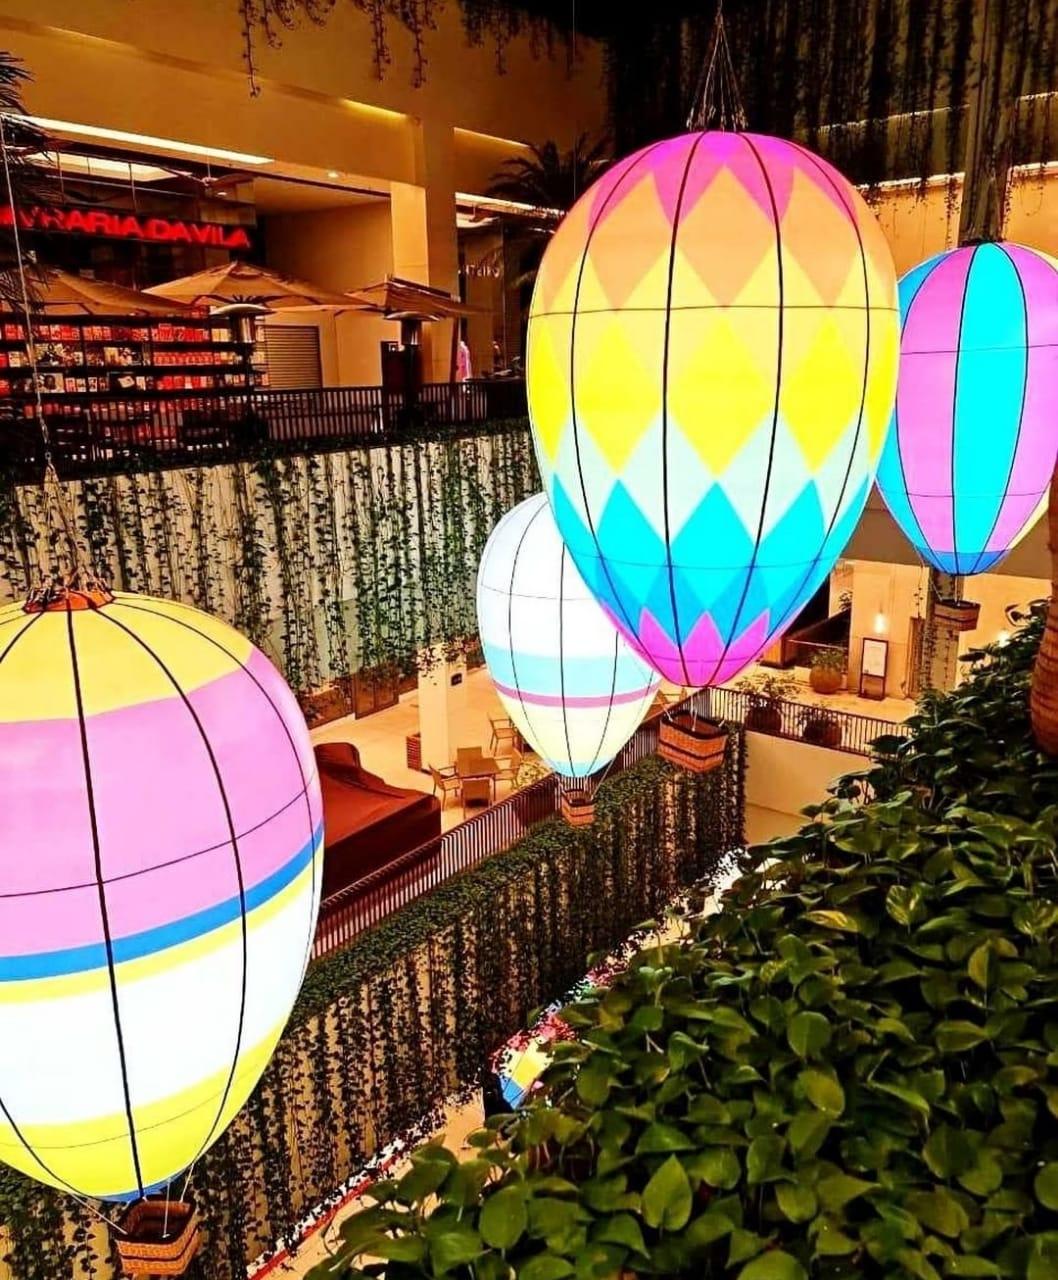 passeios de balões